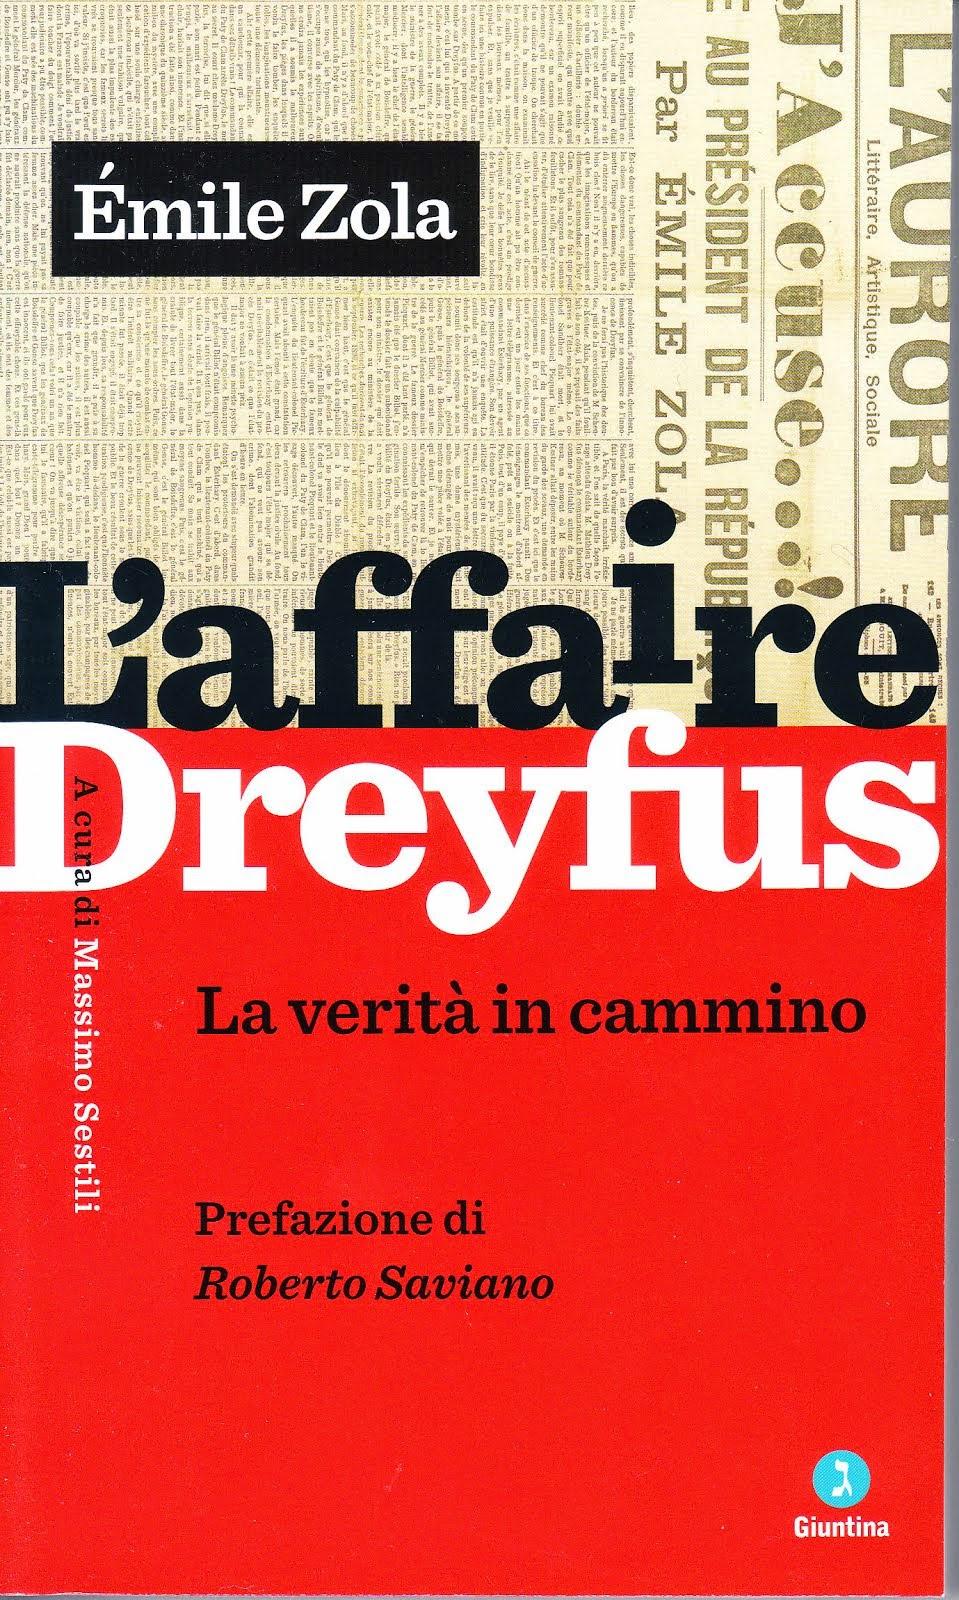 Emile Zola, L'affaire Dreyfus, a cura di Massimo Sestili, Giuntina.